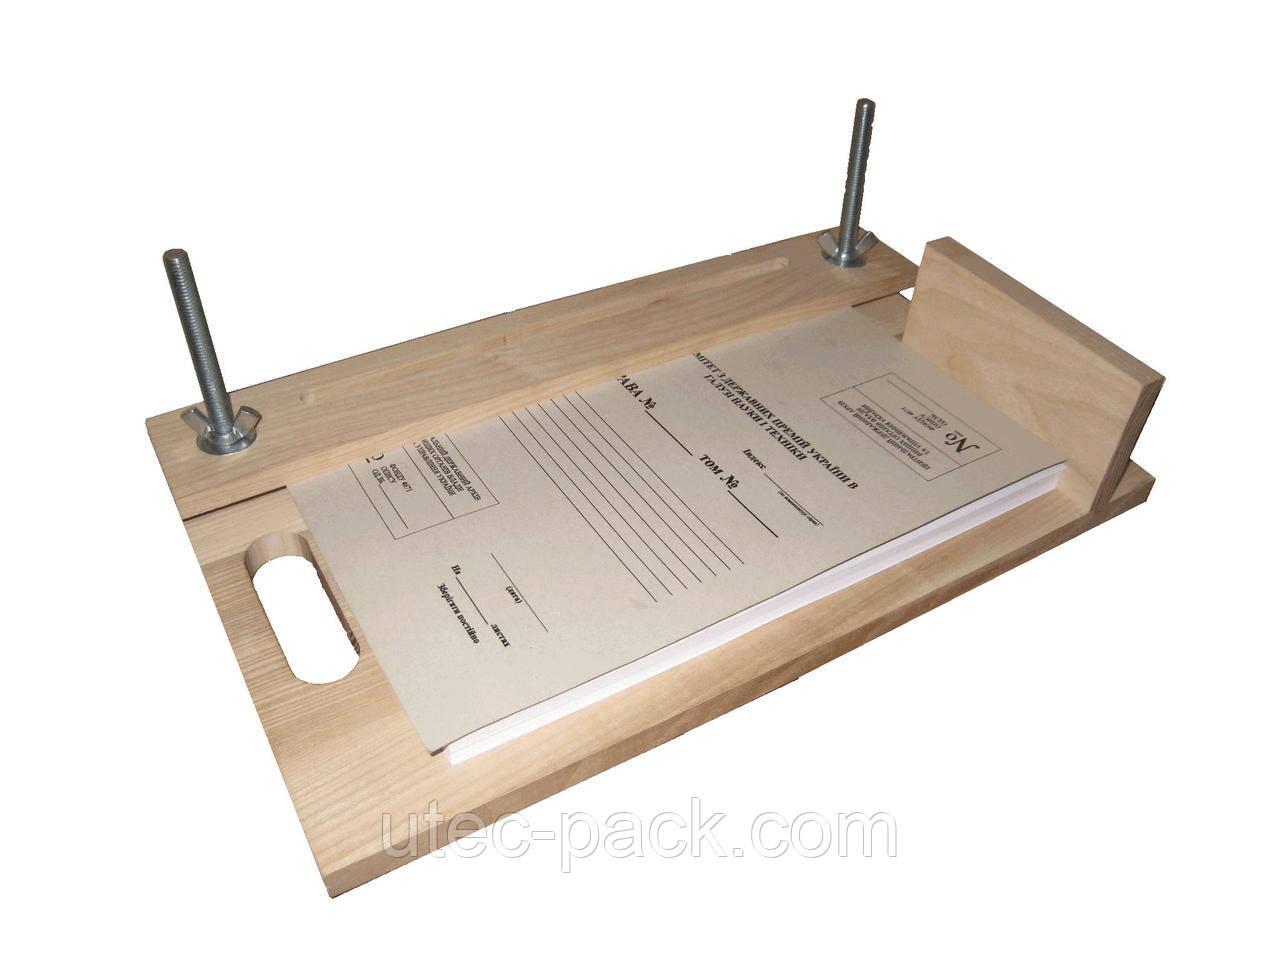 Офисный брошюровочно-переплетный станок ЦОД НТІ 400 х 230 х 120 мм светло-коричневый СП - 80 -5 шт